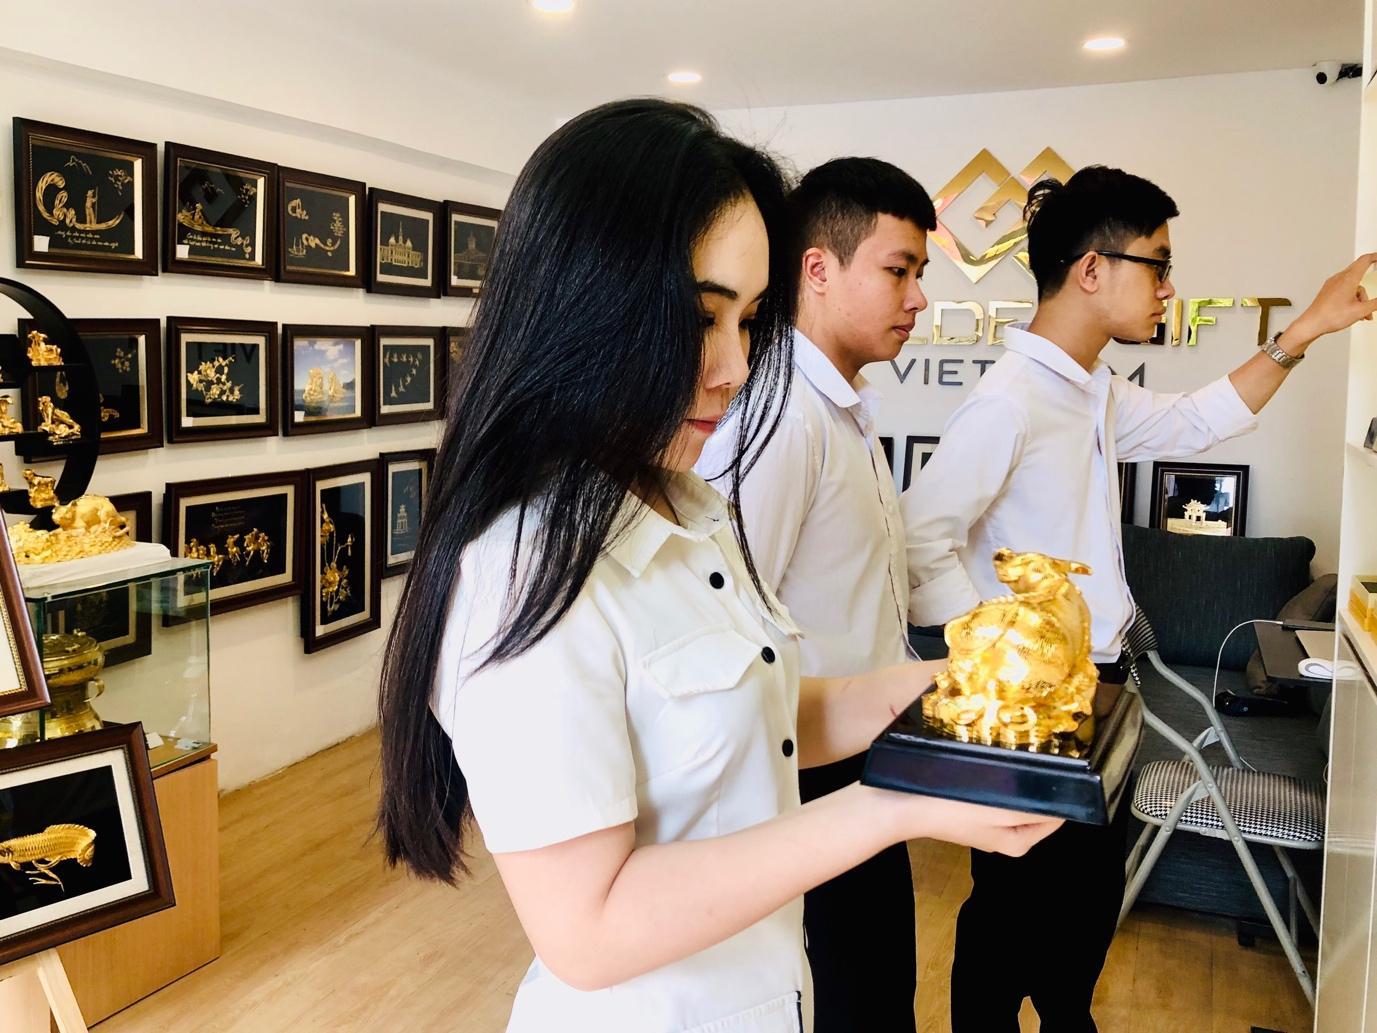 Thị trường quà Tết 2021: Giỏ quà chiếm ưu thế, độc lạ mẫu trâu vàng - Ảnh 4